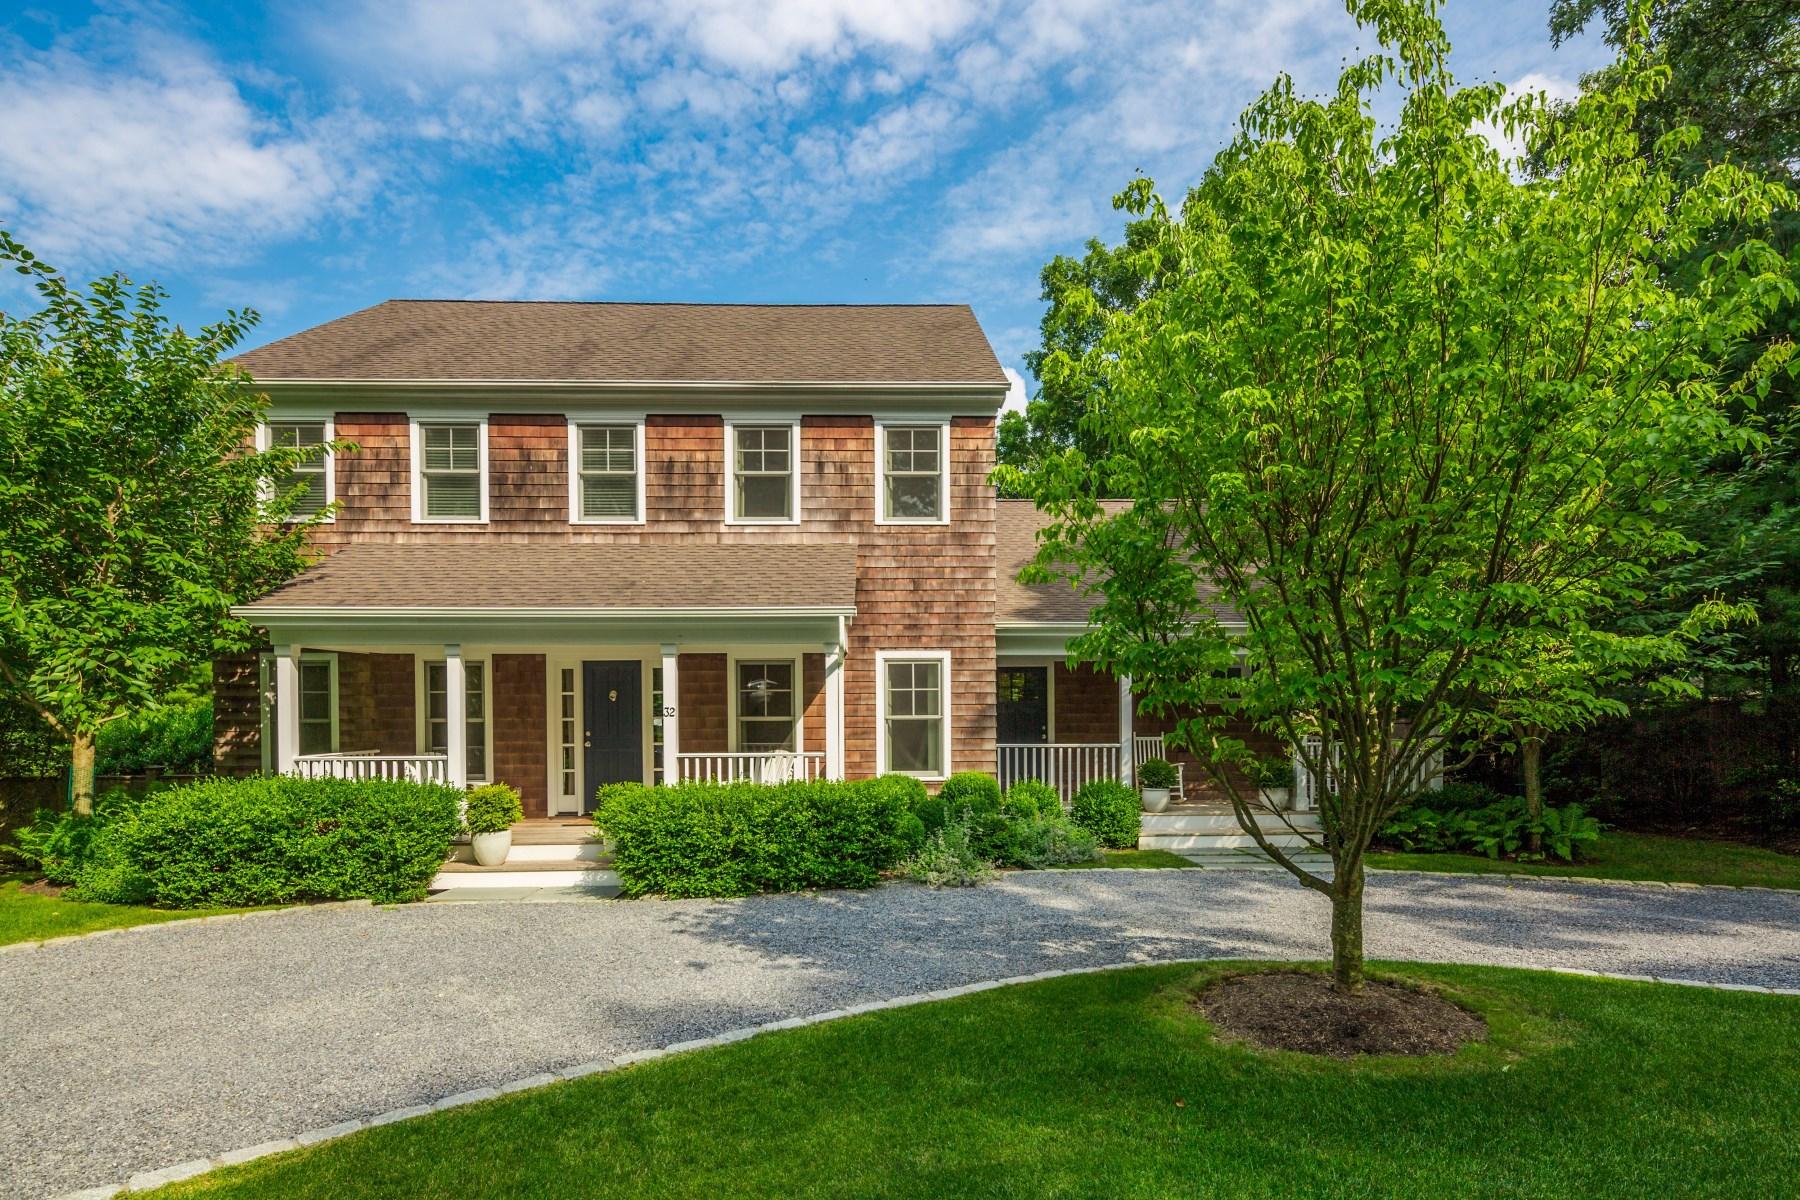 Tek Ailelik Ev için Satış at Shingled Designer Cottage 32 Milina Dr, East Hampton, New York, 11937 Amerika Birleşik Devletleri